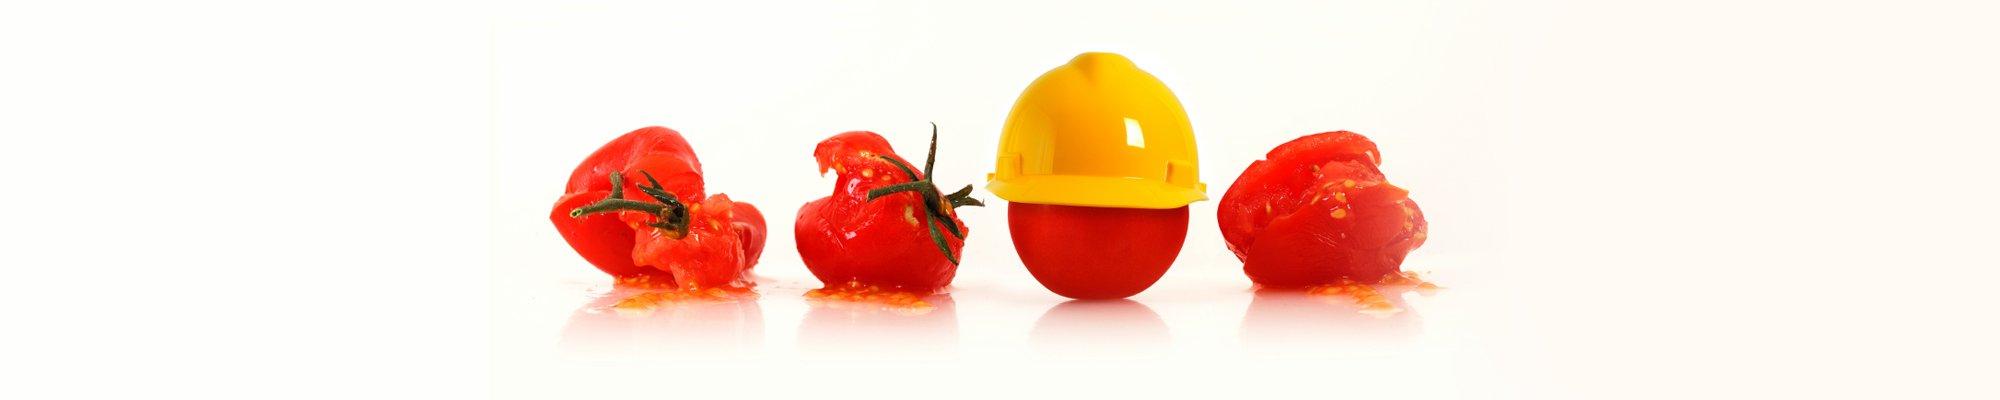 Food Safety Banner Image